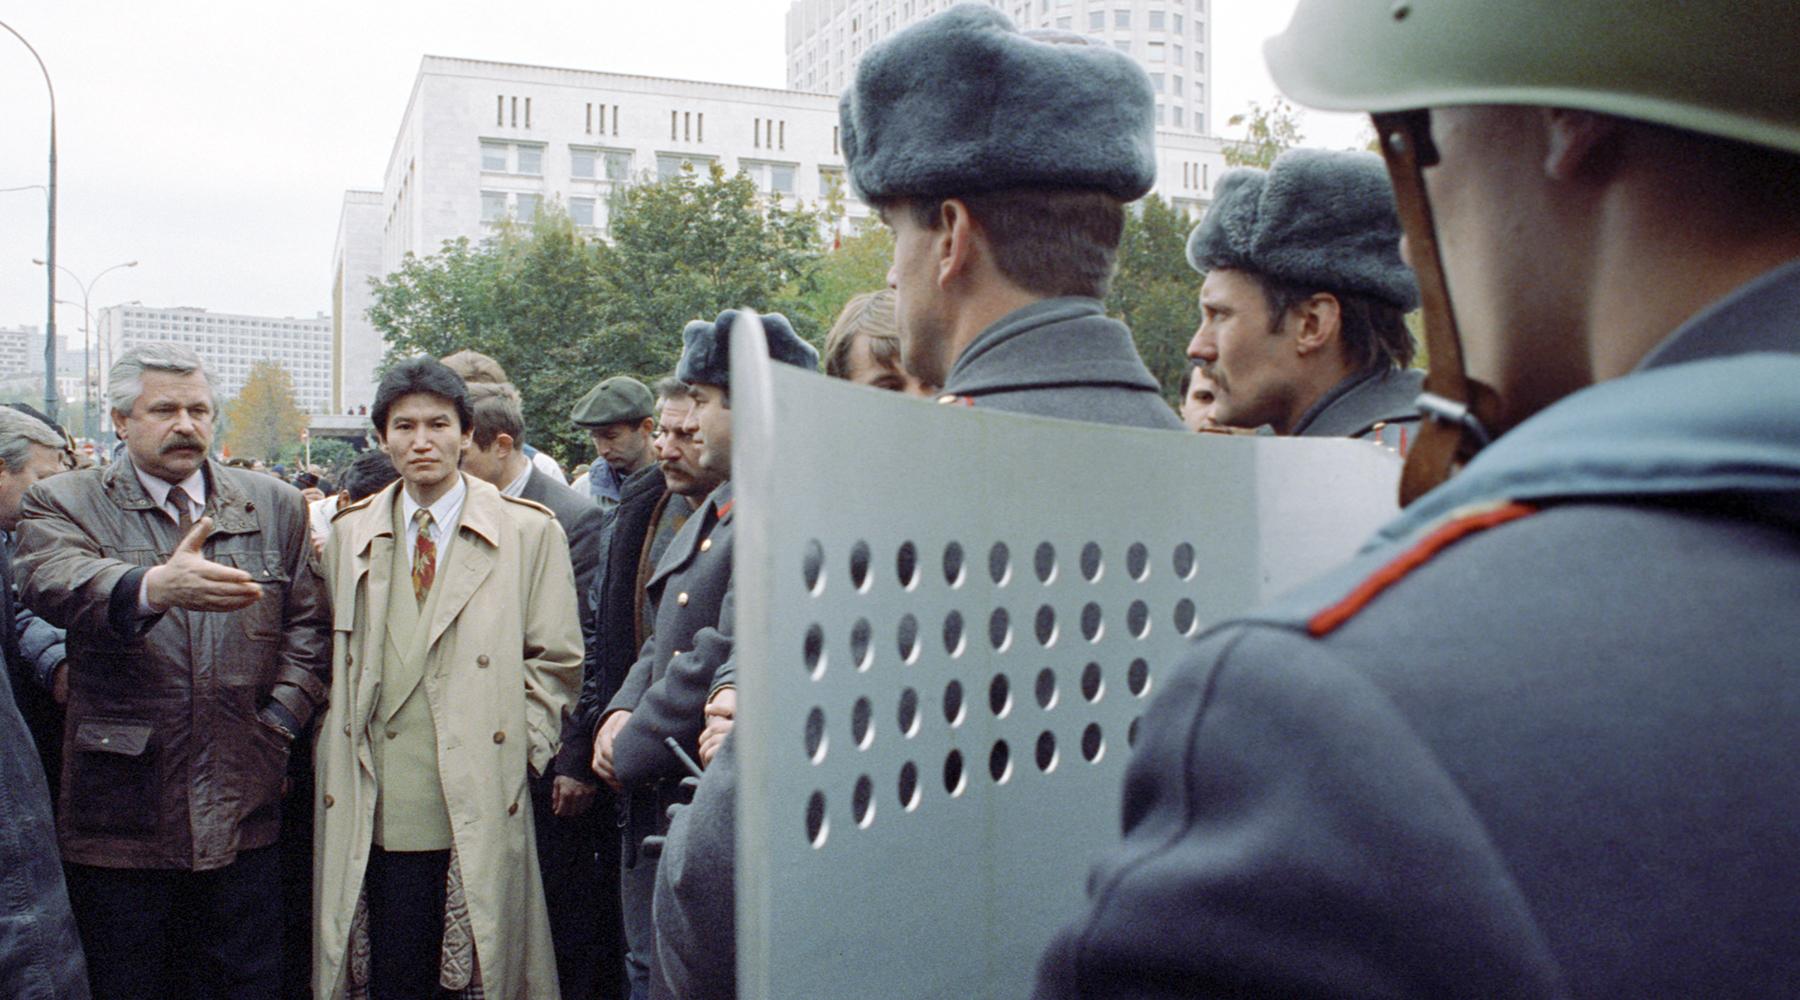 «Оценка его фигуры ещё впереди»: политики и общественные деятели — о роли Бориса Ельцина в истории современной России6